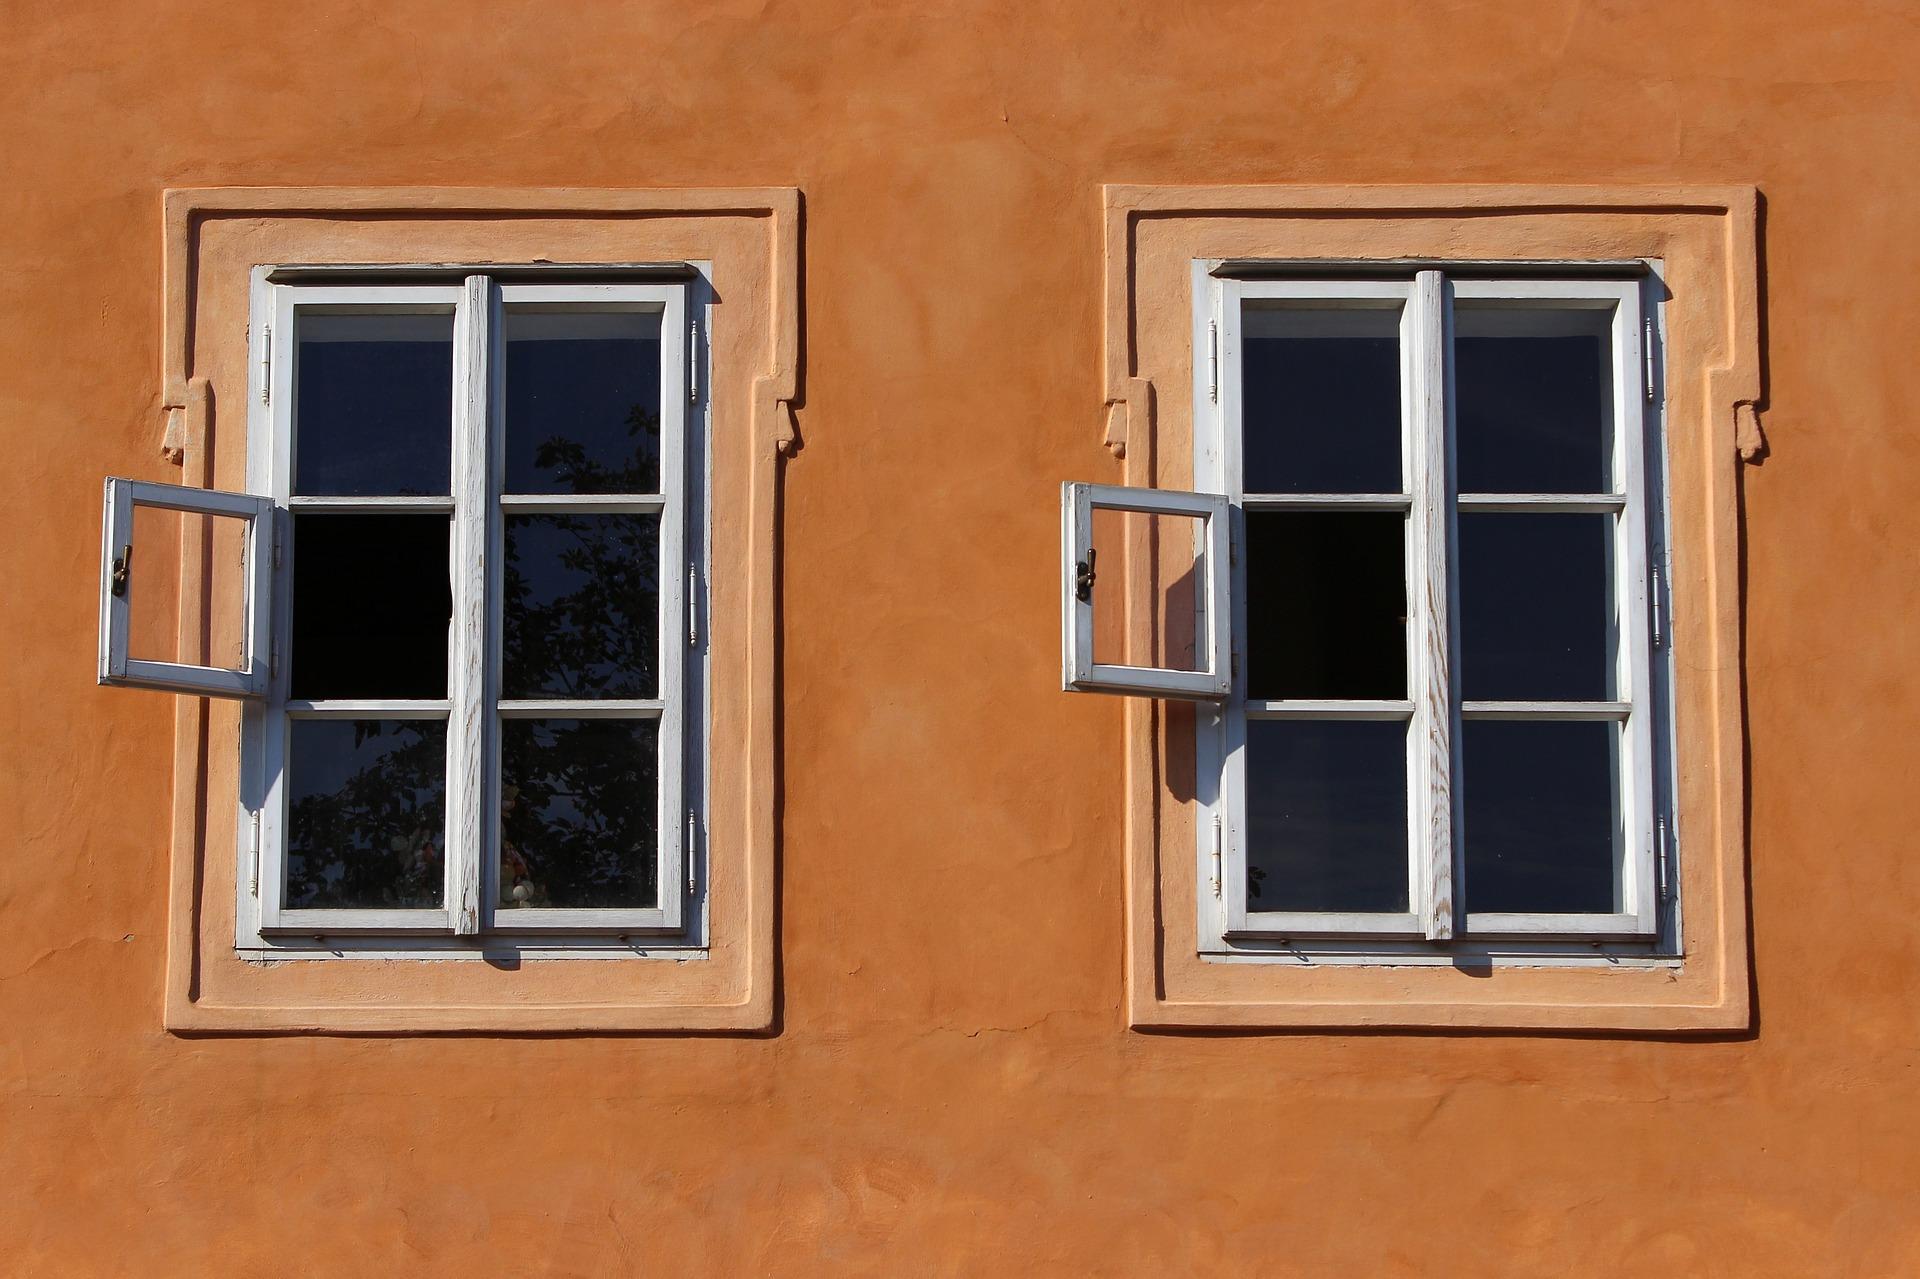 Kunststofffenster oder holzfenster netzperlentaucher for Holzfenster kunststofffenster